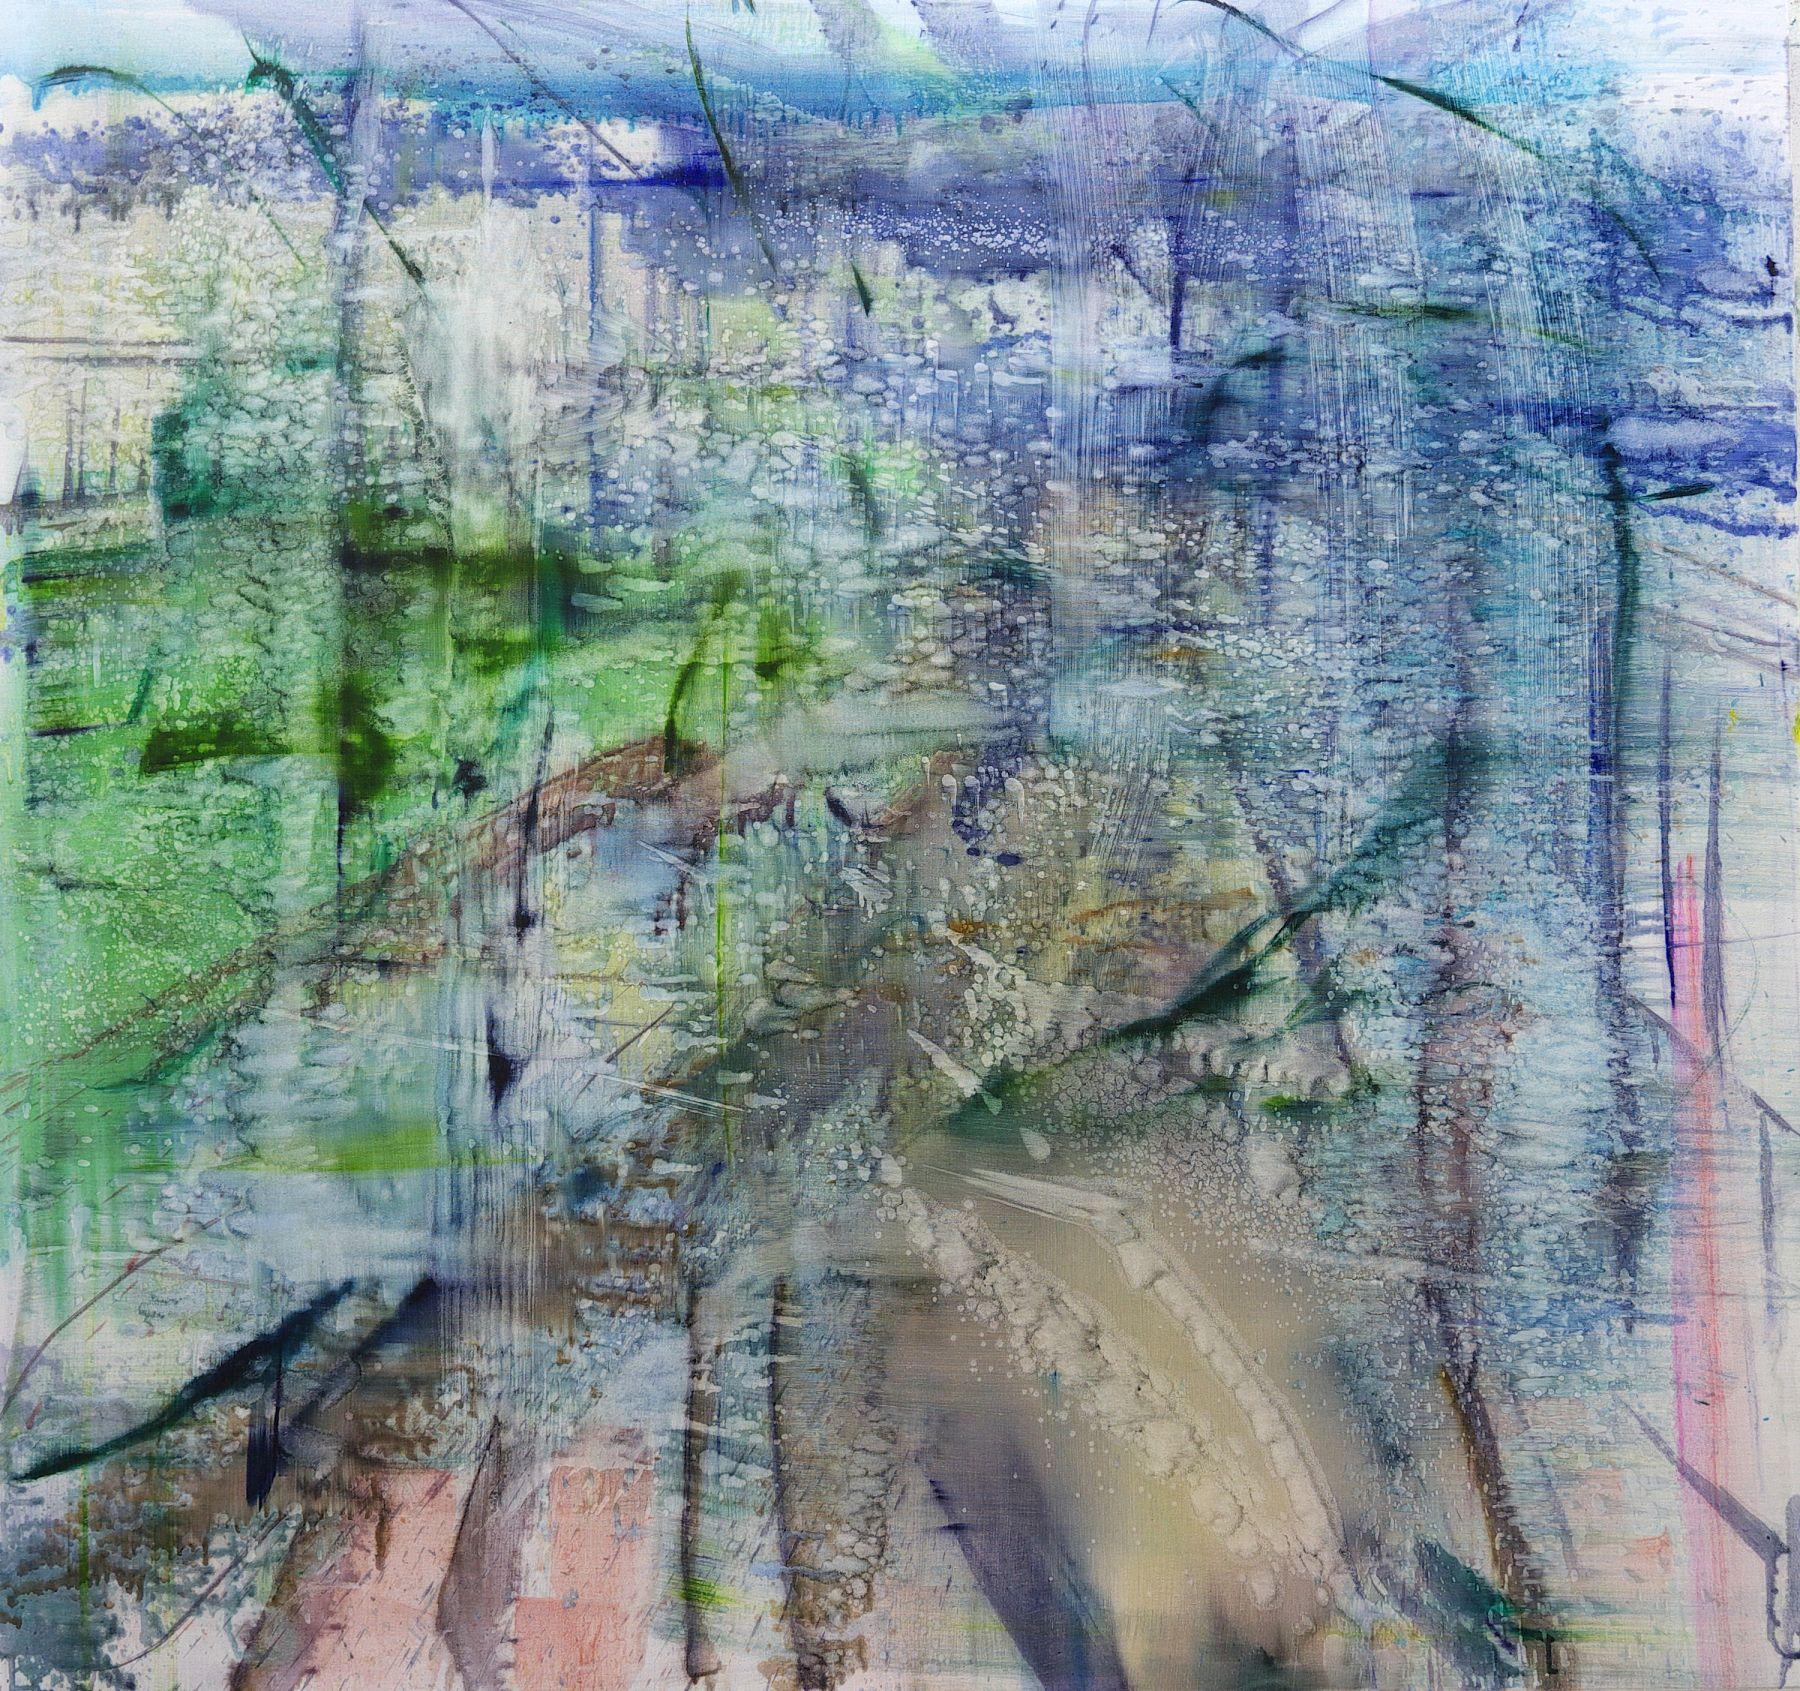 Matthias Meyer, Water Painting, 2017